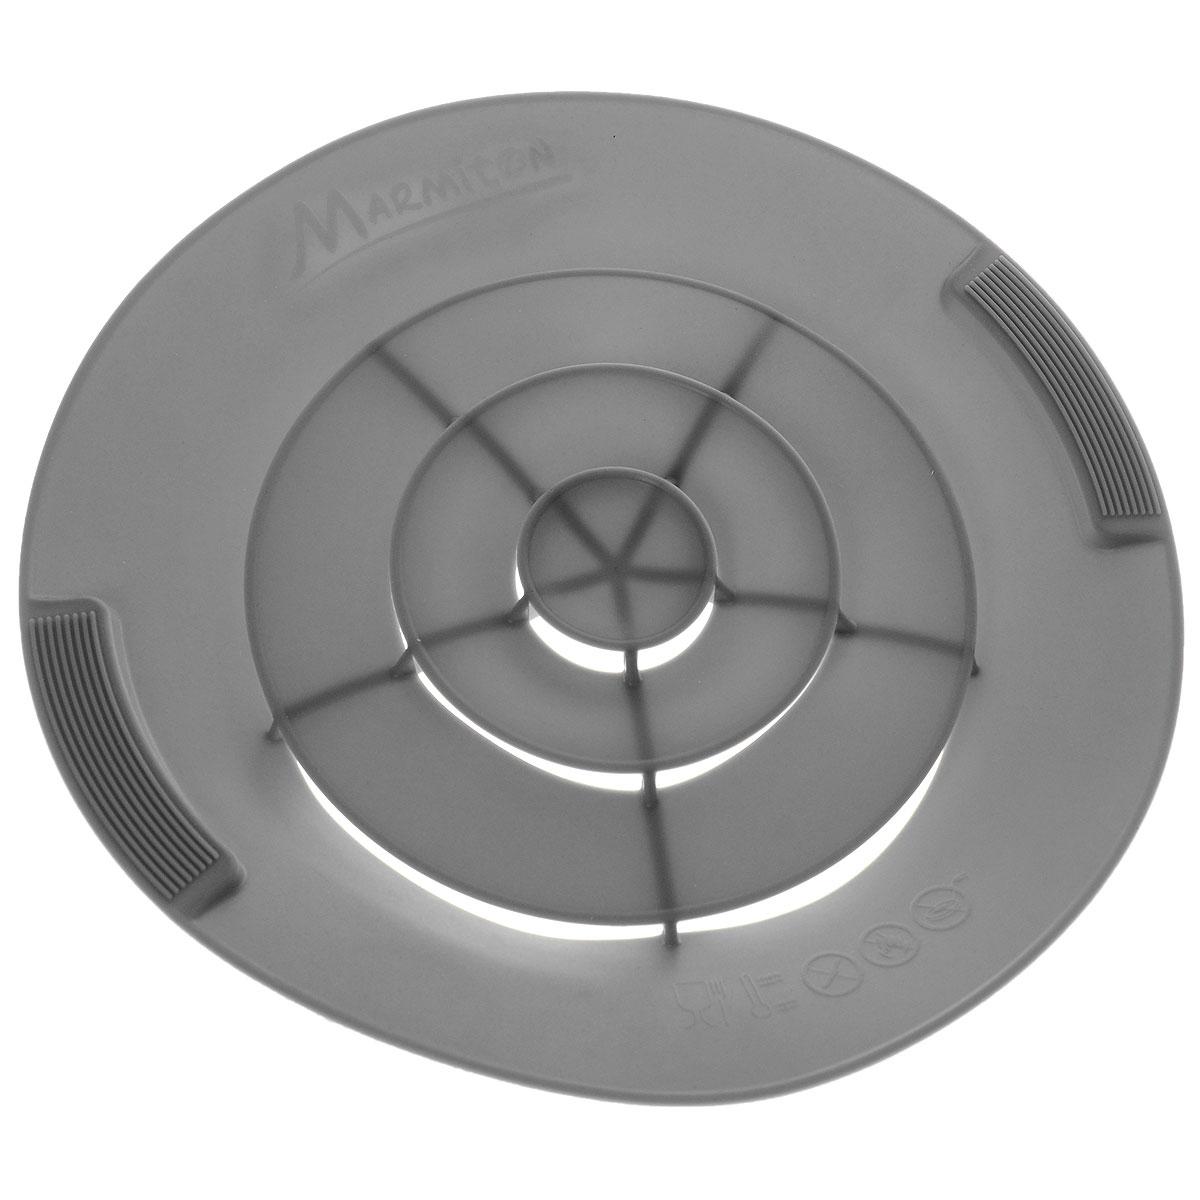 """Крышка силиконовая от накипи """"Marmiton"""", цвет: серый. Диаметр 28 см"""